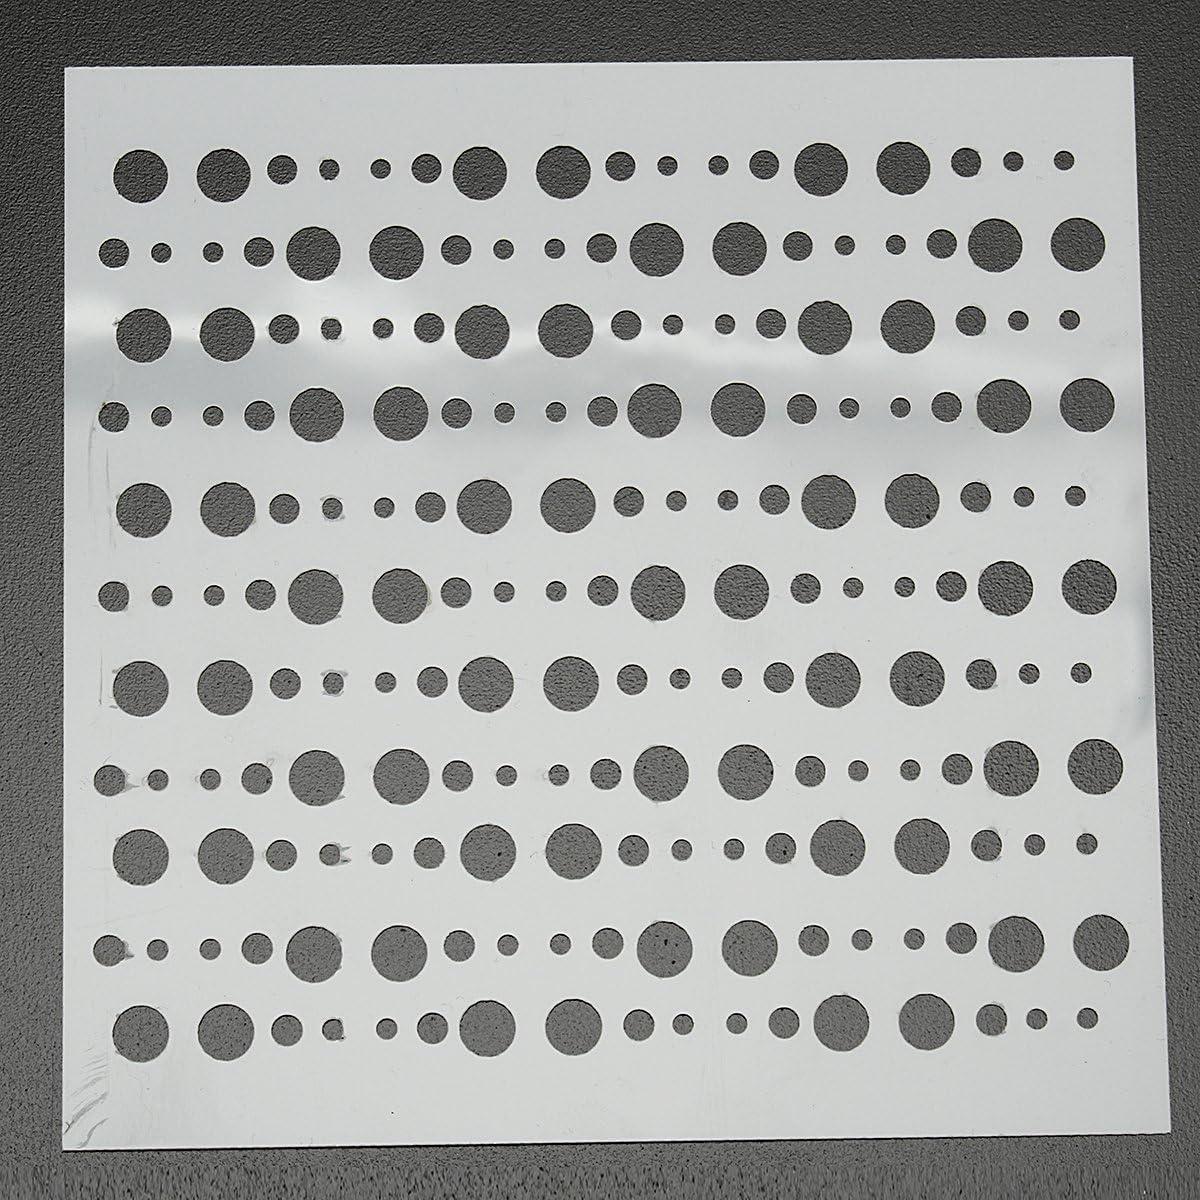 MASUNN Capas De Scrapbooking Pintura Plantillas De Repujado Aer/ógrafo Plantillas Artesanales Herramientas-04